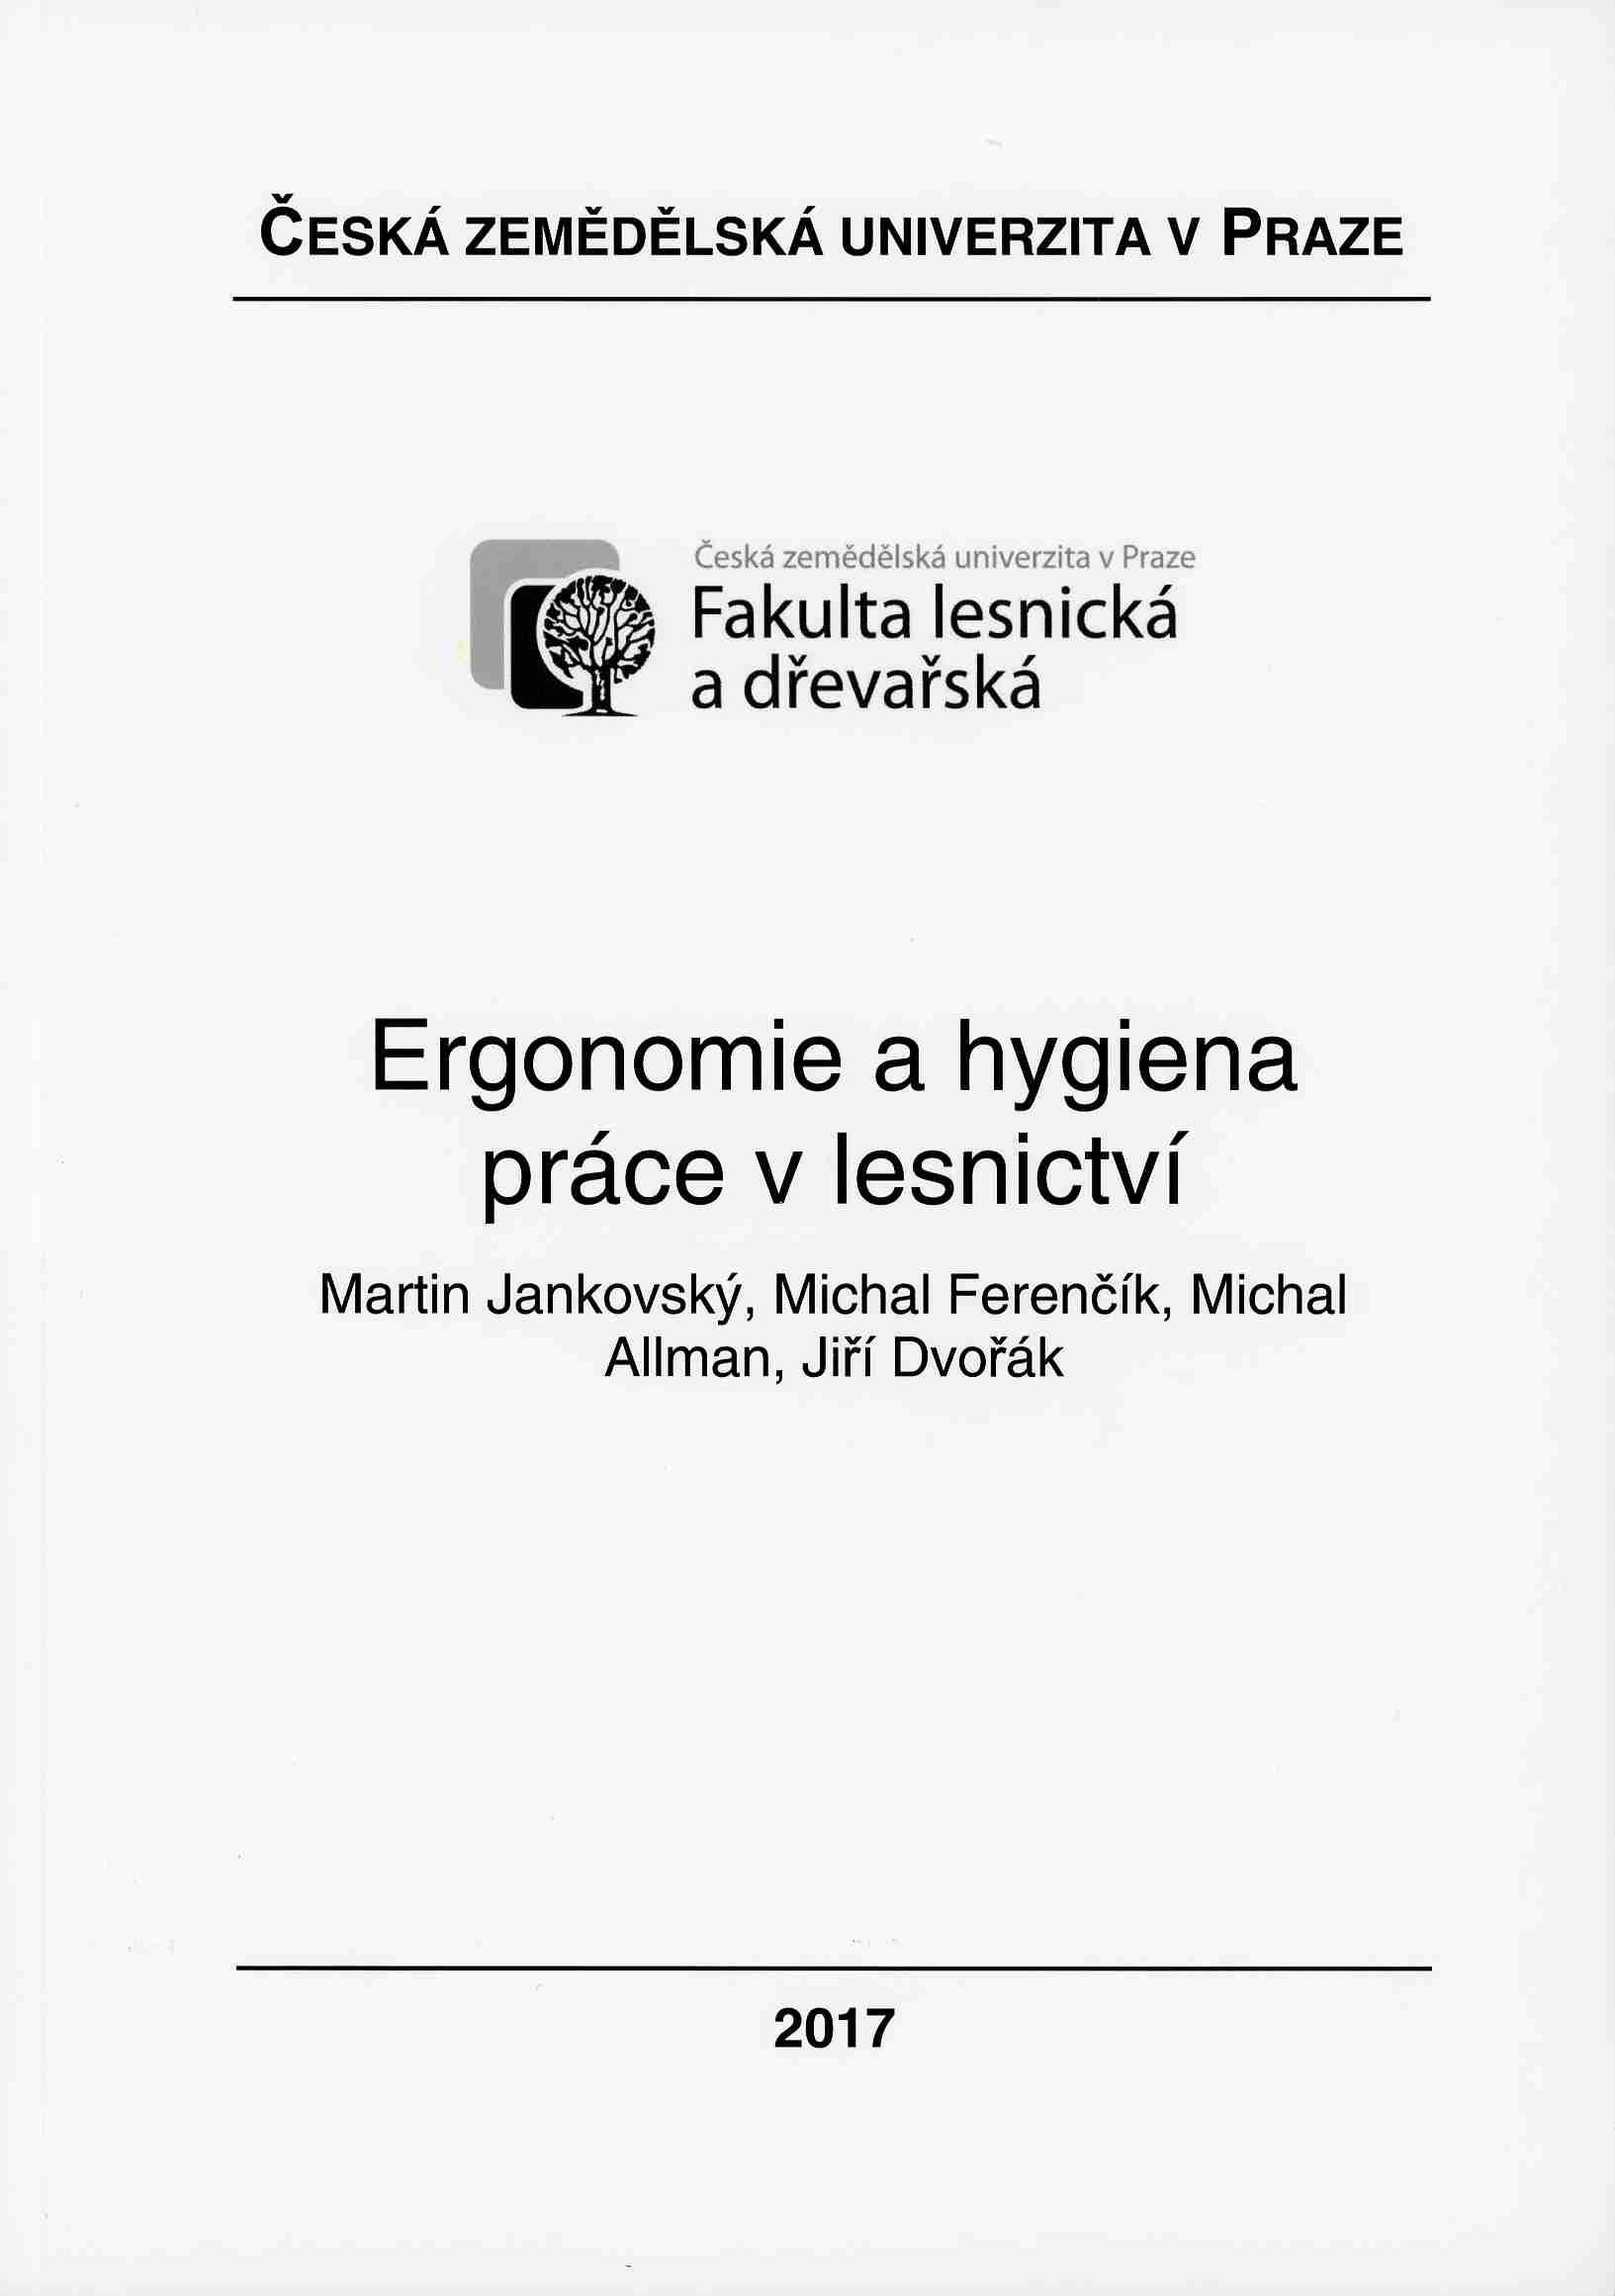 Ergonomie a hygiena práce v lesnictví